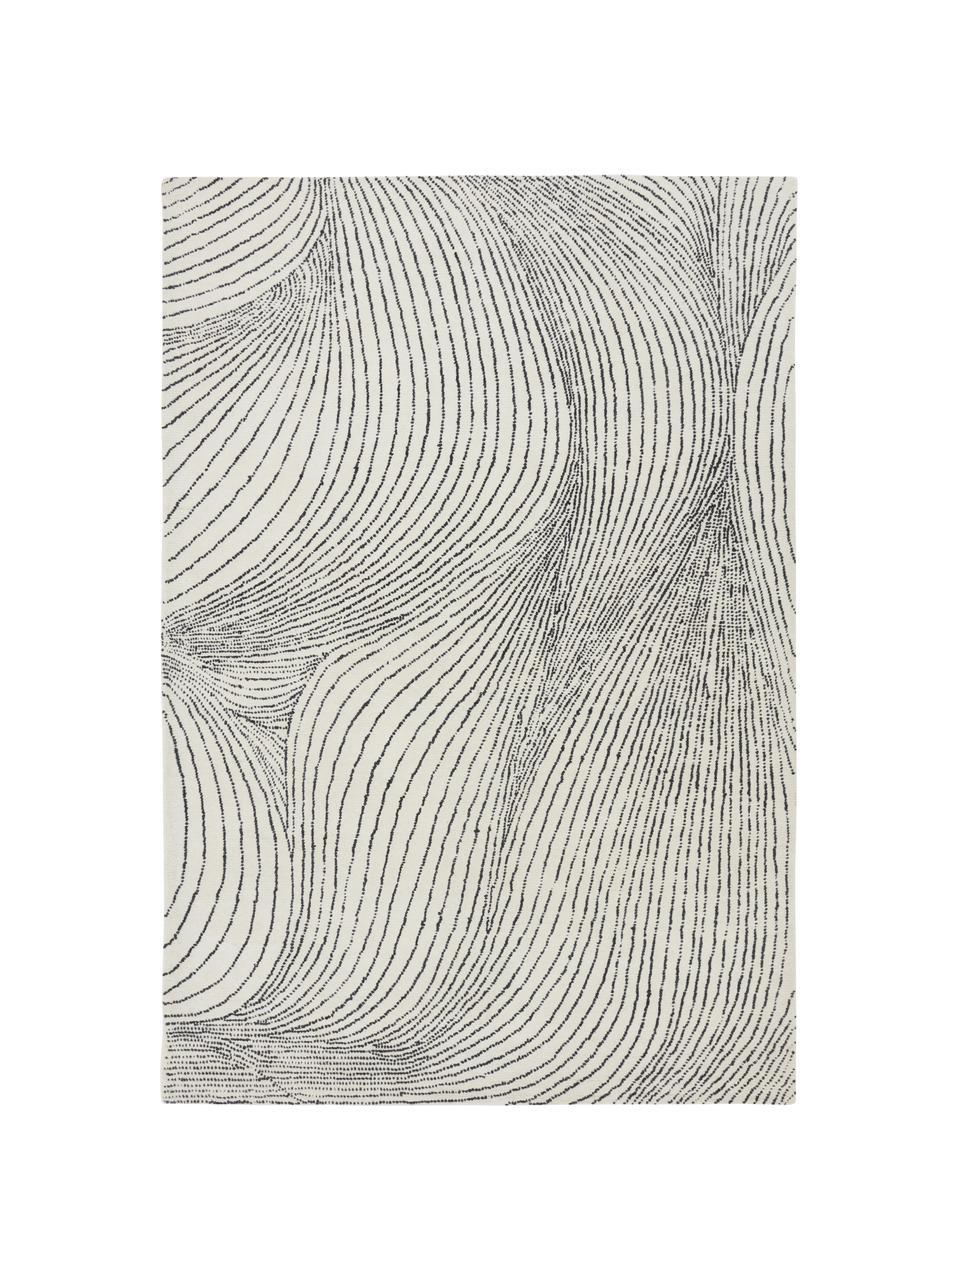 Großer handgewebter Wollteppich Waverly mit Wellenmuster, 100% Wolle  Bei Wollteppichen können sich in den ersten Wochen der Nutzung Fasern lösen, dies reduziert sich durch den täglichen Gebrauch und die Flusenbildung geht zurück., Weiß, Schwarz, B 160 x L 230 cm (Größe M)